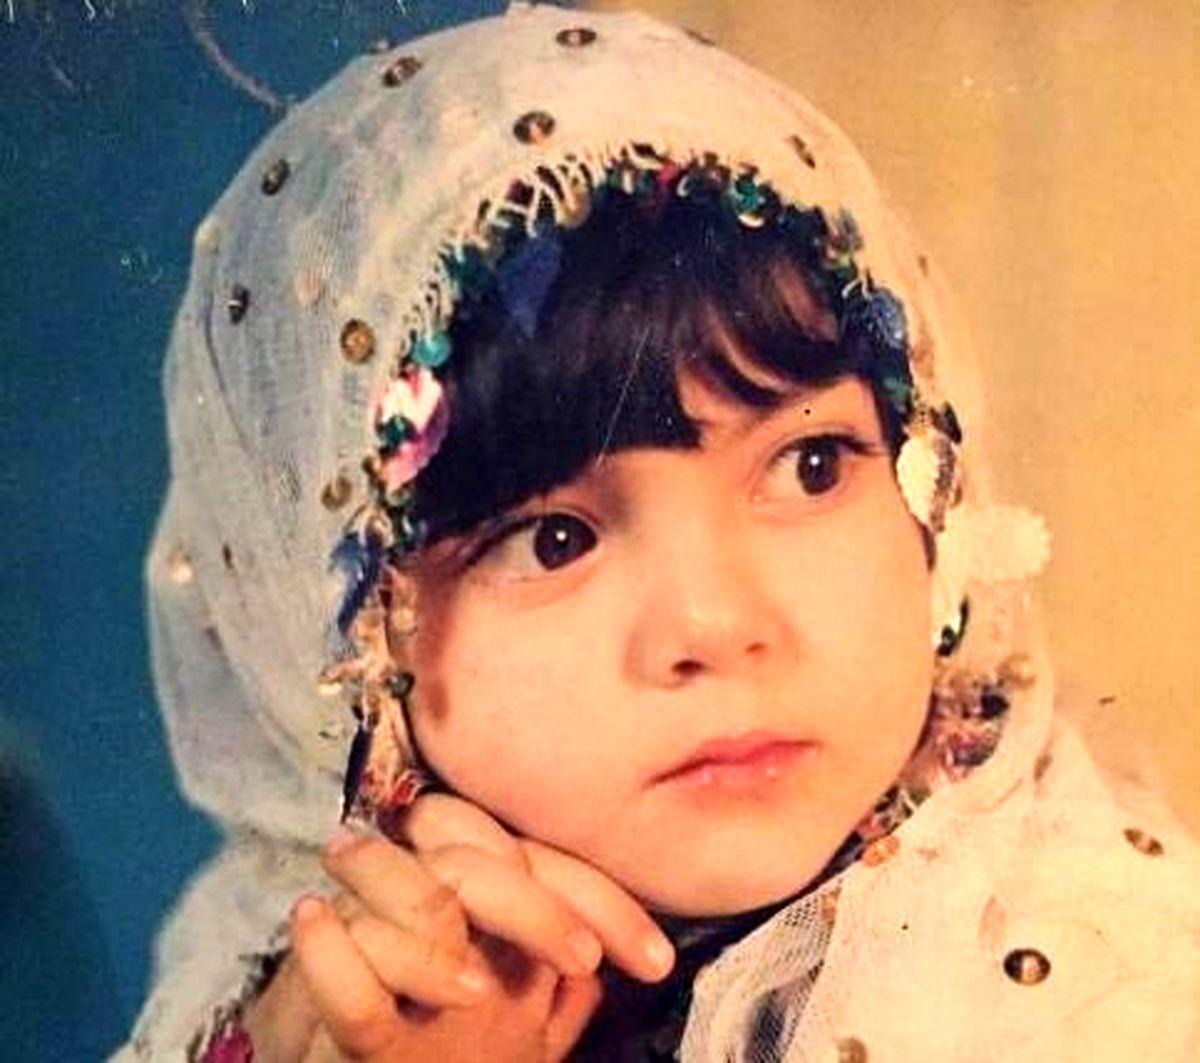 عکس دیده نشده آزاده نامداری در دوران کودکی